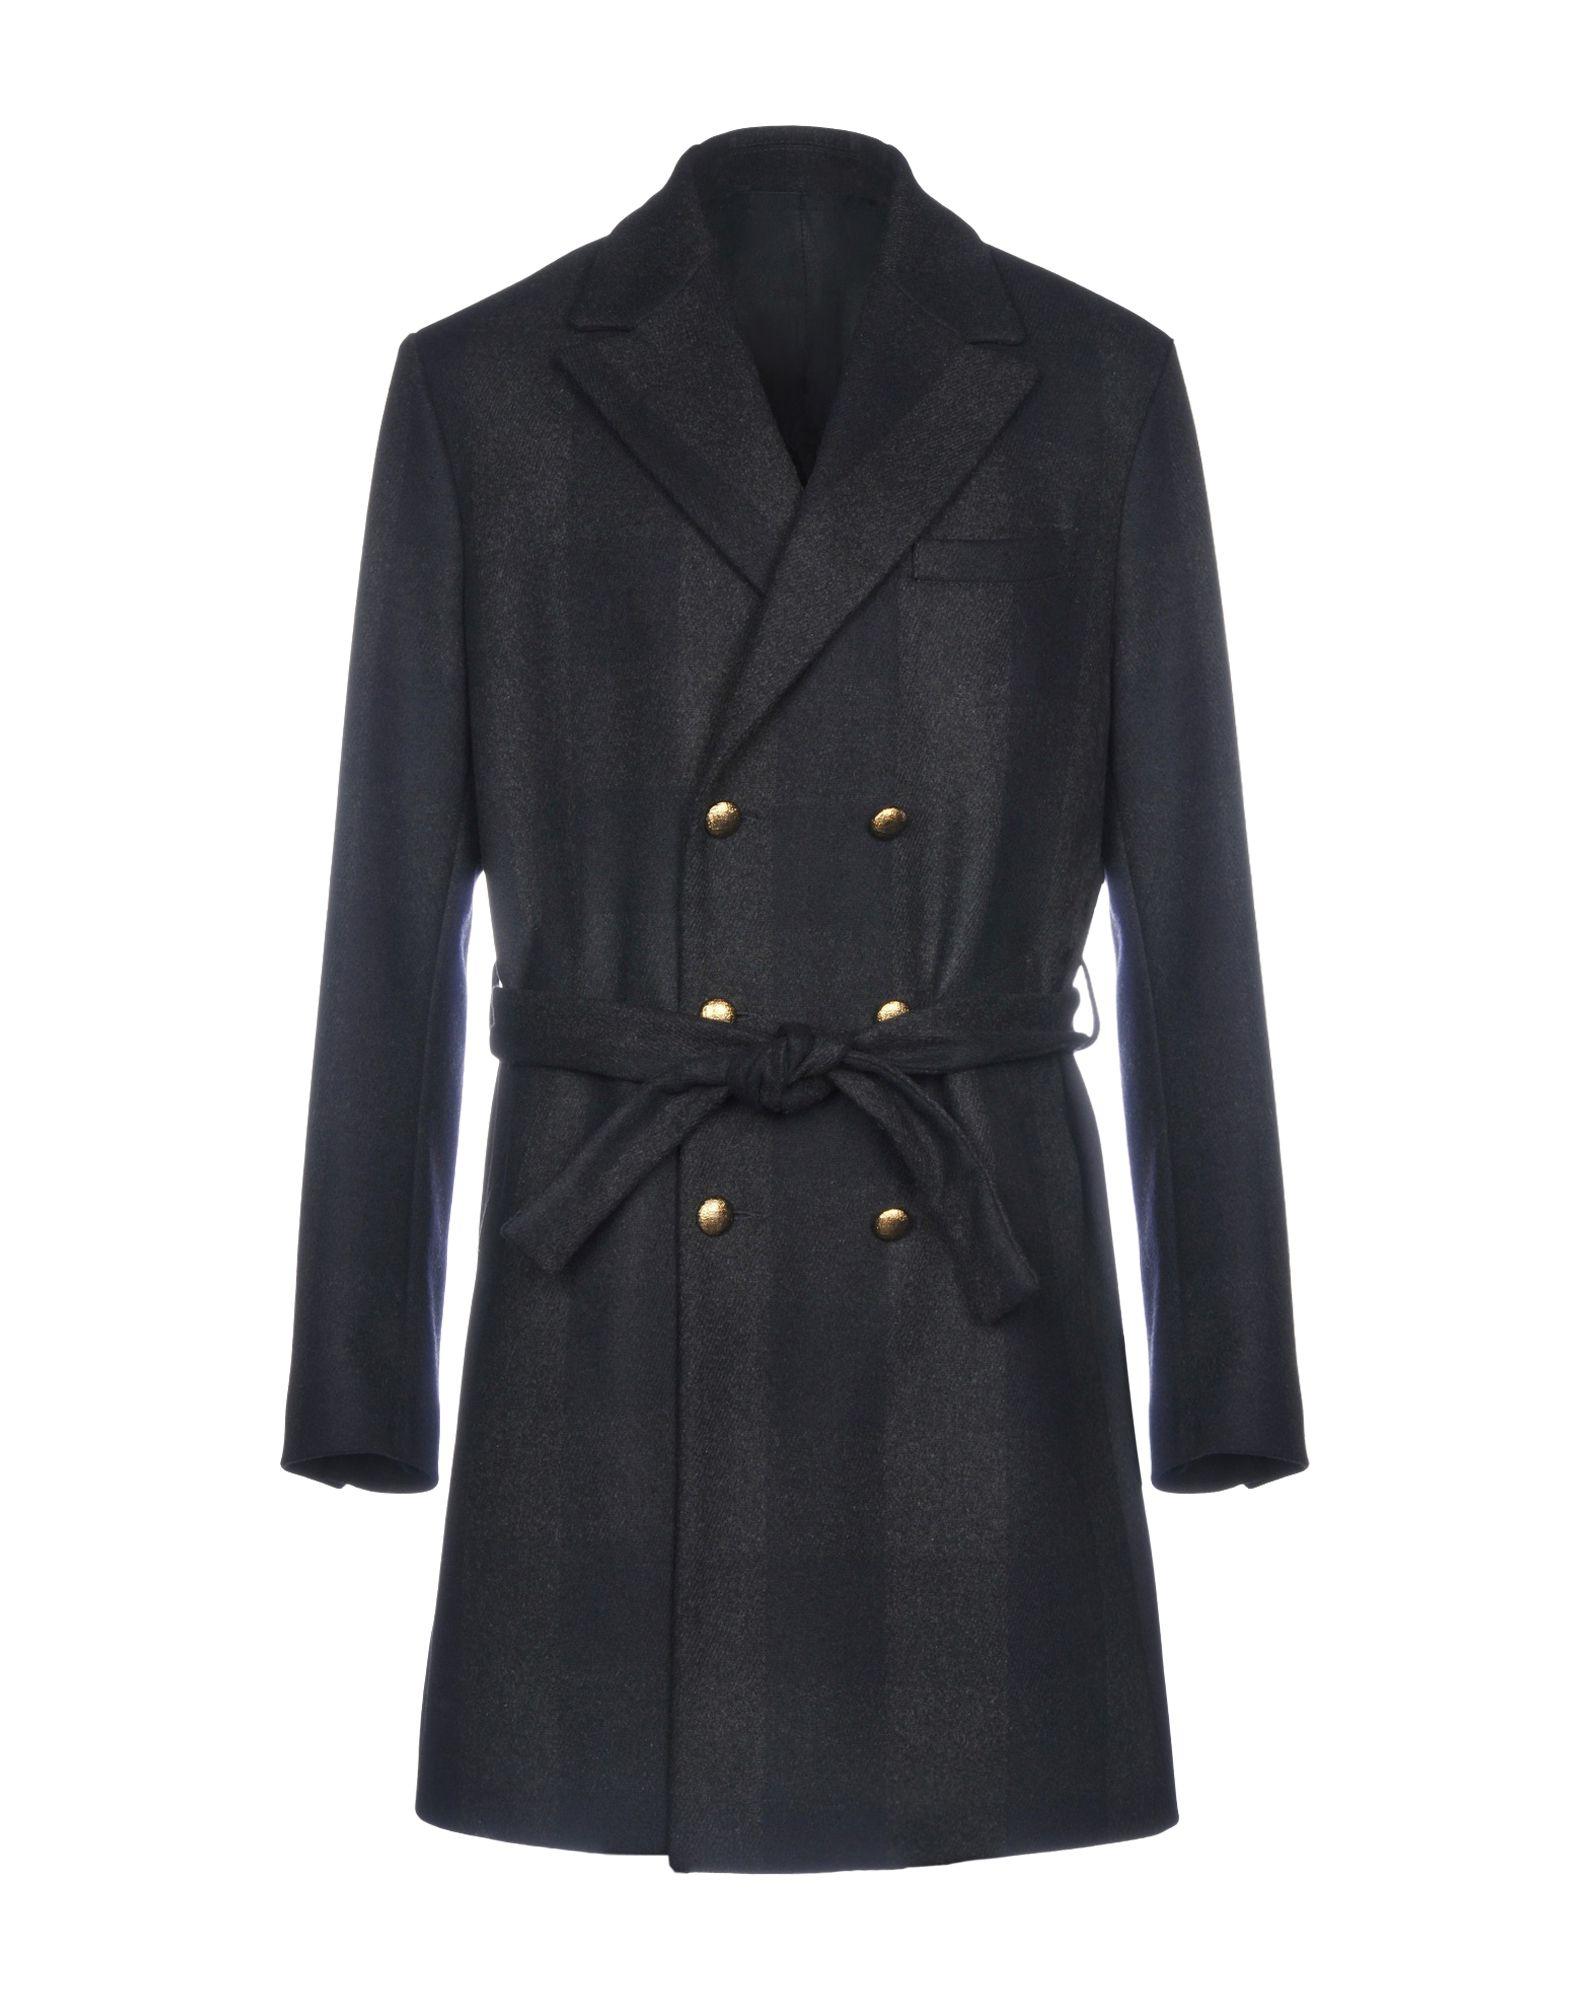 OFFICINA 36 Пальто 2016 осенью дамы сукно slim шерстяные пальто в длинные пальто